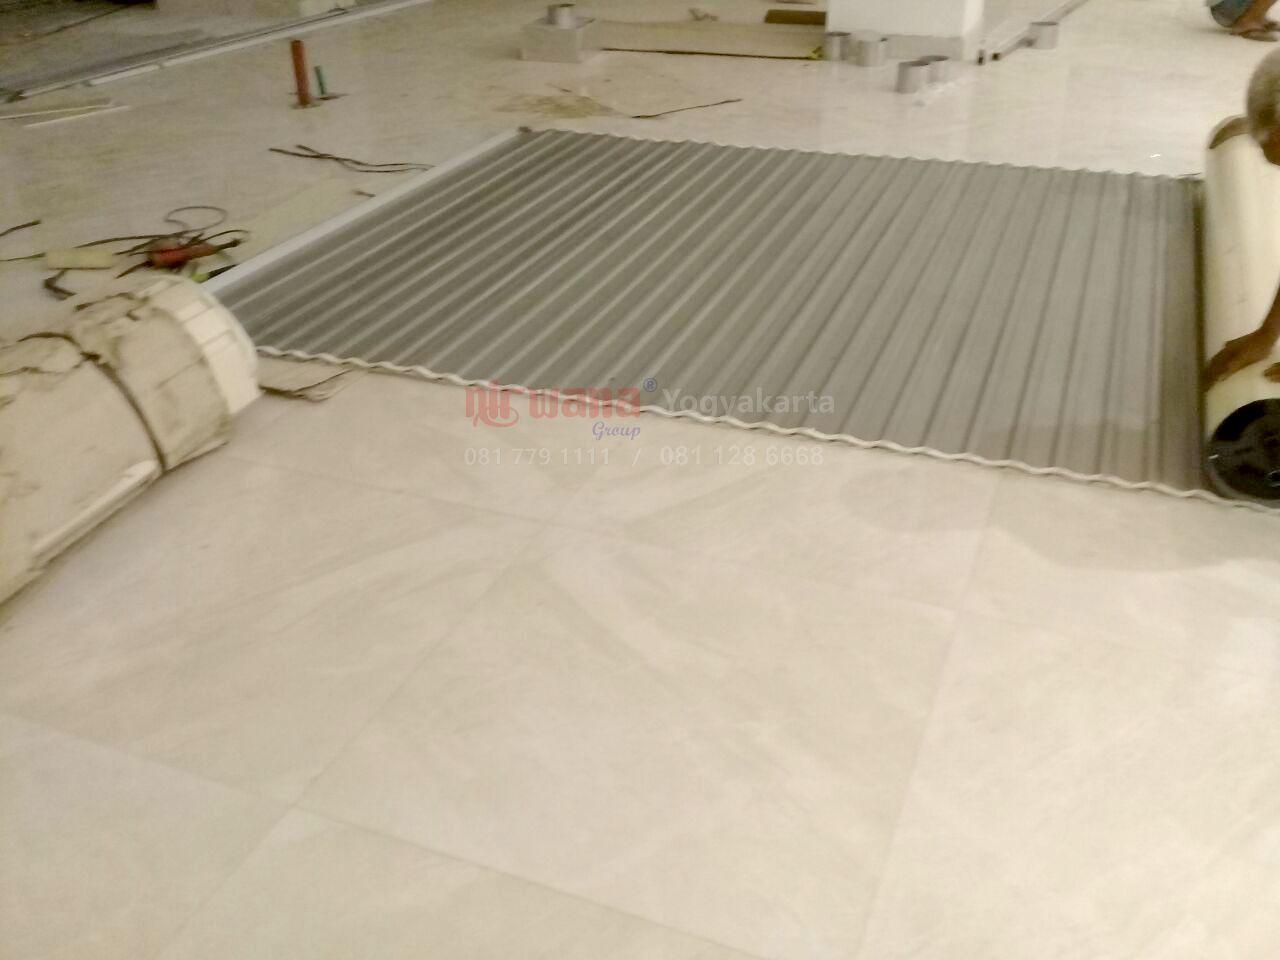 Pemasangan Rolling Door Di Grains Amp Dough Gnd Transmart